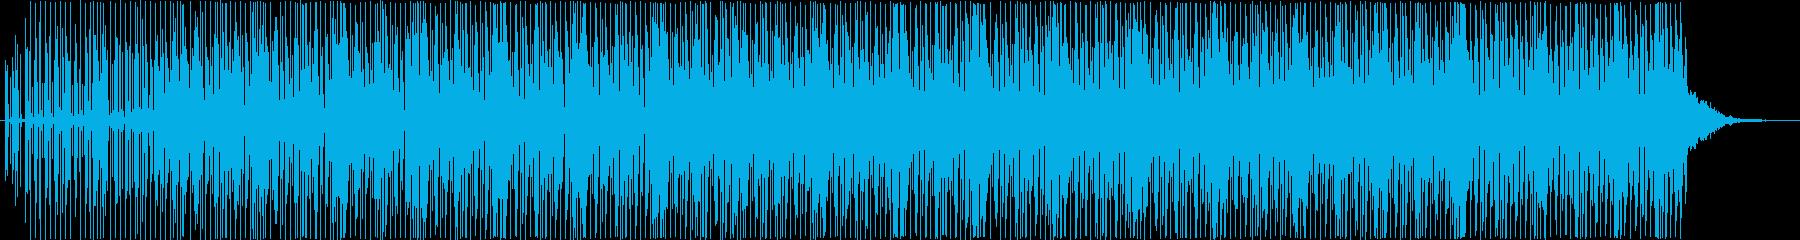 スタイリッシュでかっこいいメロディーの再生済みの波形